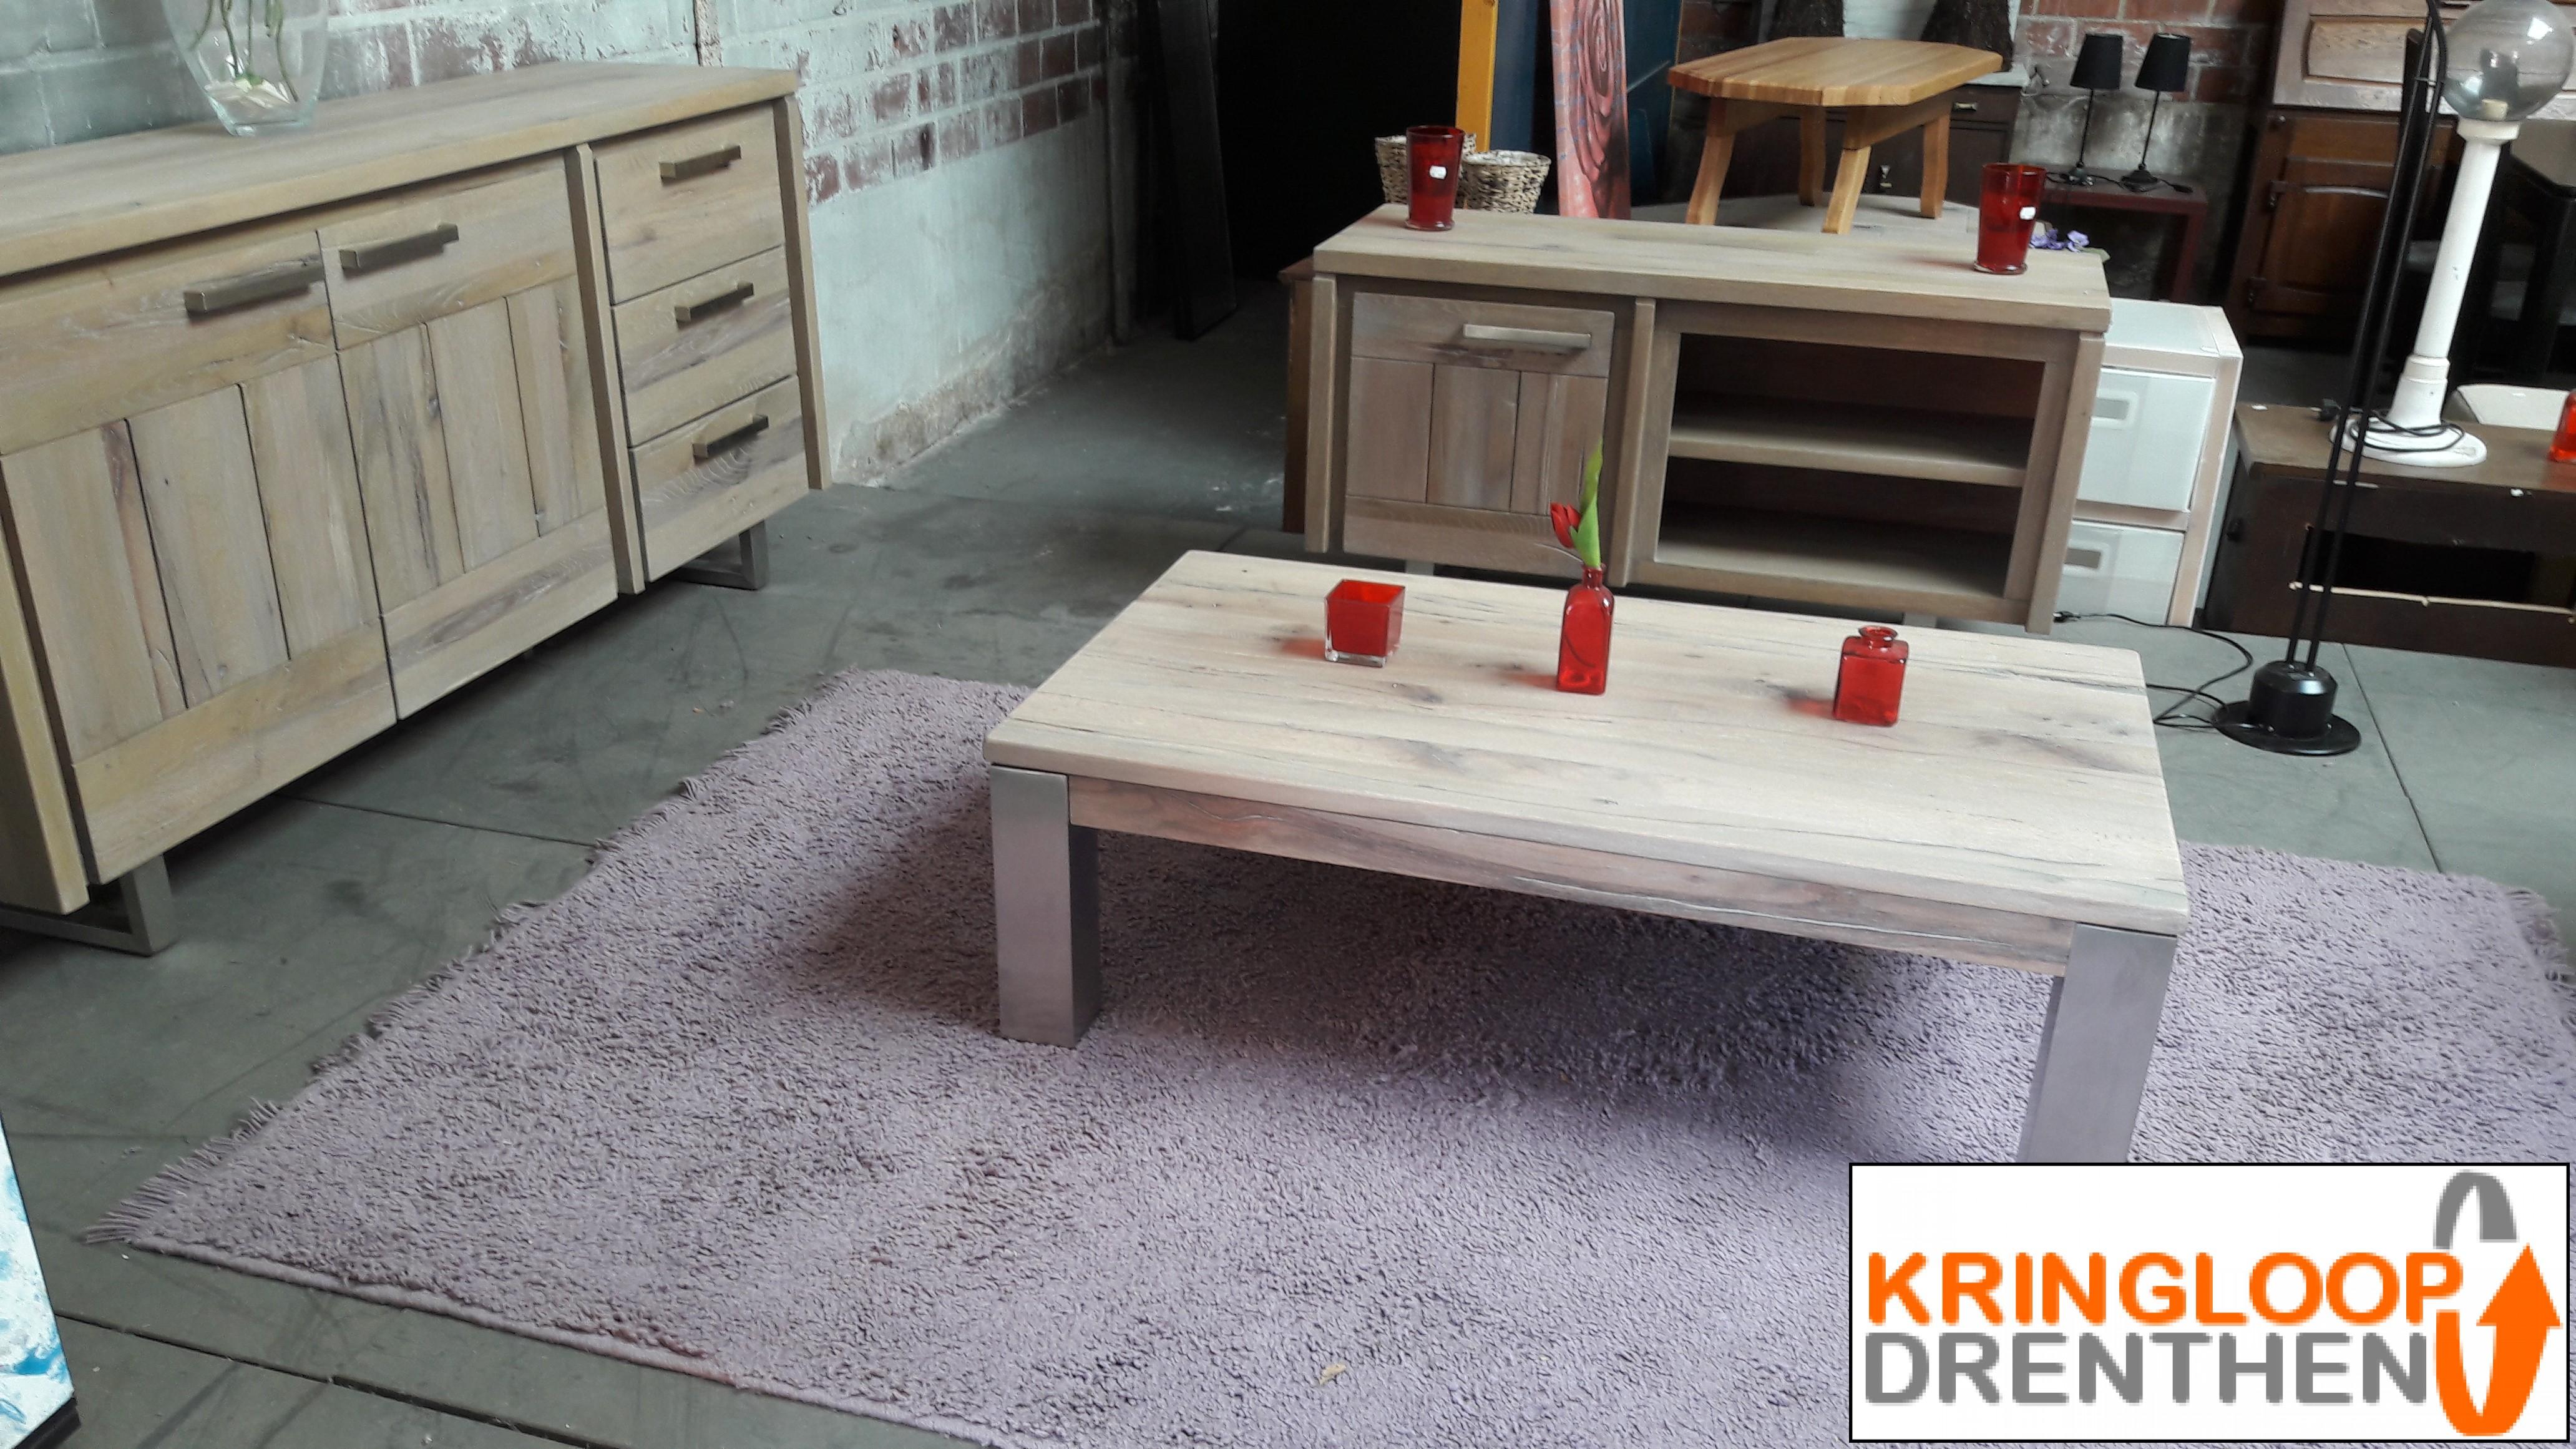 Te koop Complete woonkamer – Kringloop Drenthen